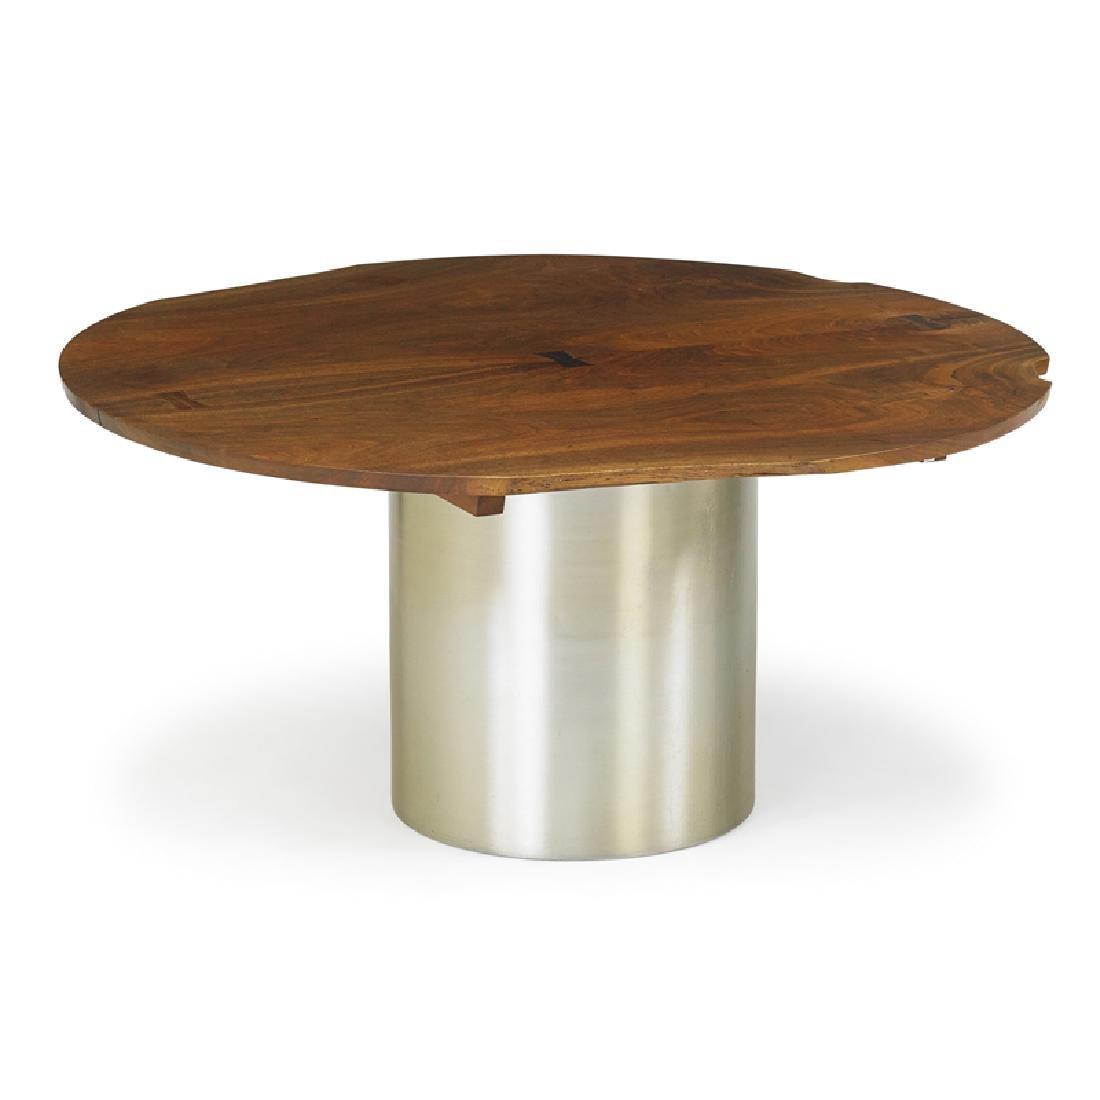 GEORGE NAKASHIMA Custom dining table